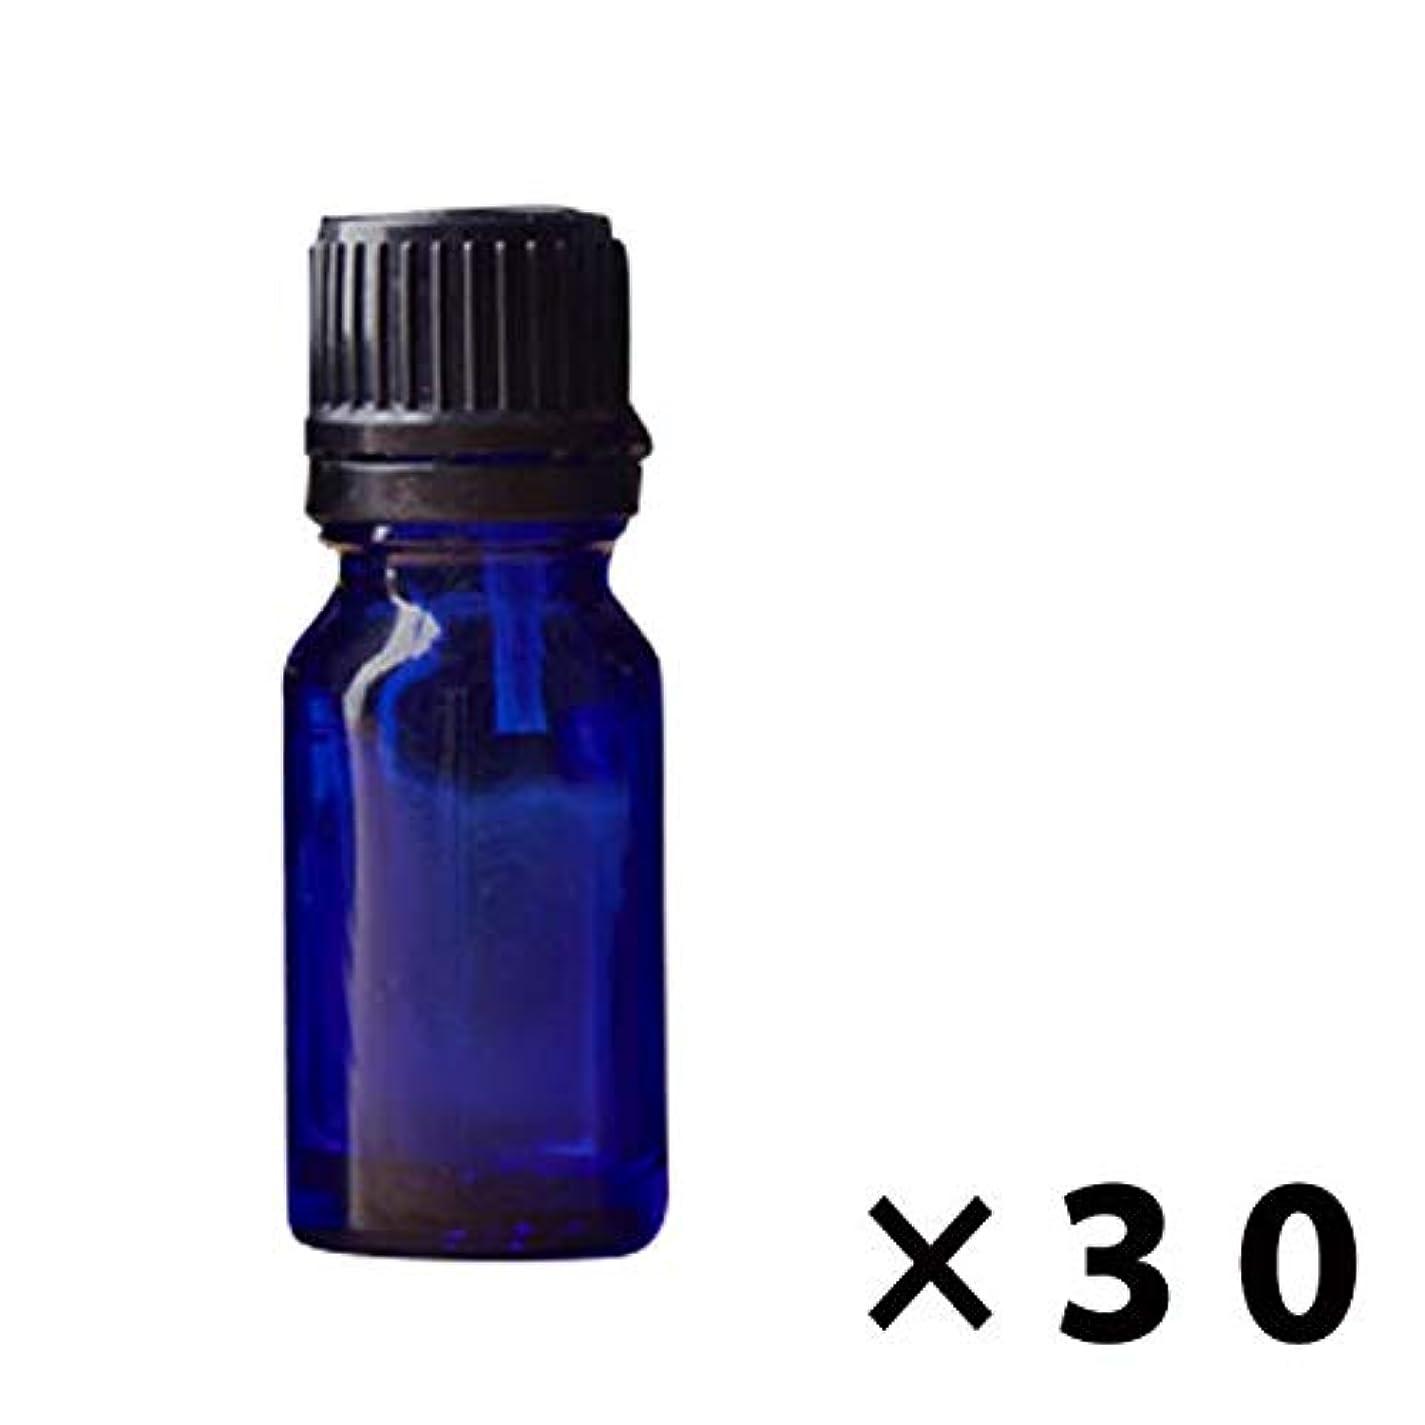 飾る志す準拠遮光瓶 30本 アロマオイルボトル ドロッパー付き ブルー アンバー 5ml 10ml 15ml 20ml 30ml 茶色 青 ガラス瓶 アロマ 遮光ビン (ブルー, 10ml)